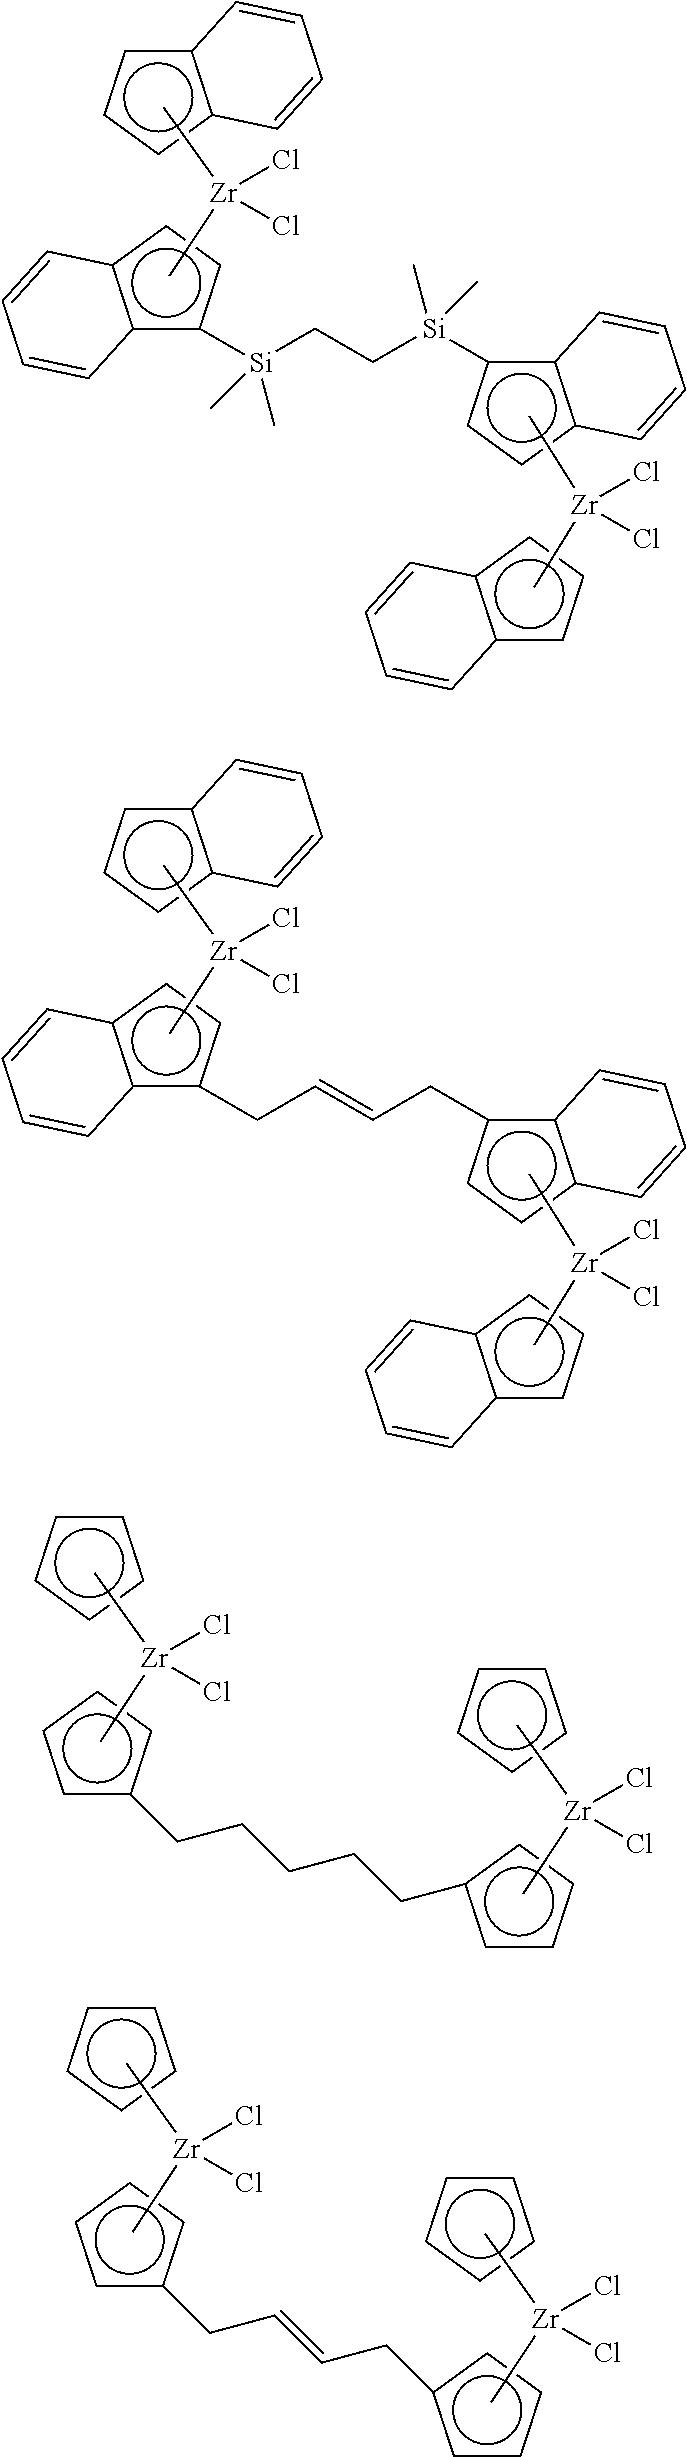 Figure US08940842-20150127-C00005